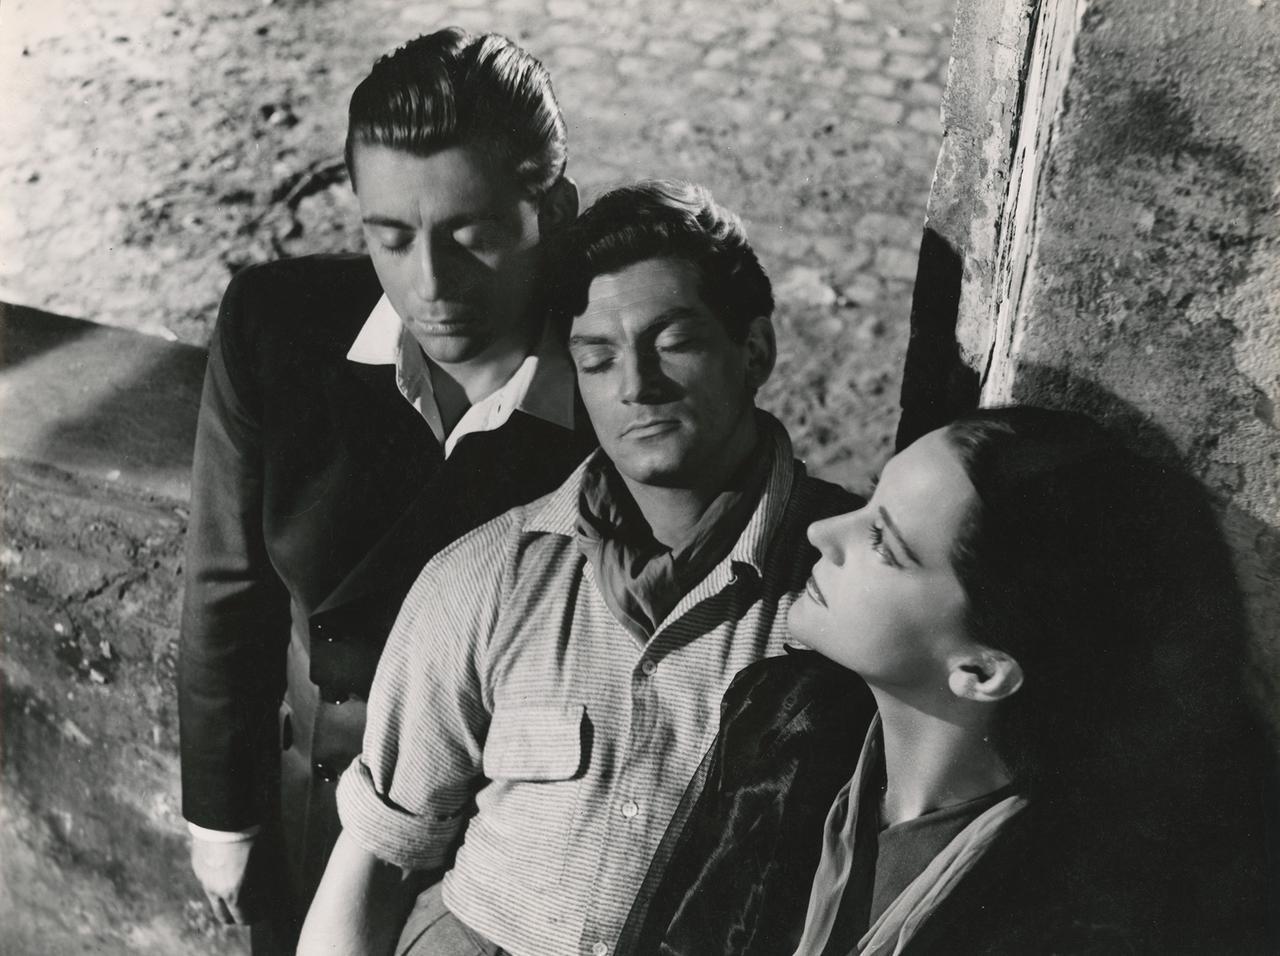 画像: ジャン・コクトーの不朽の名作 『オルフェ』 (1950)